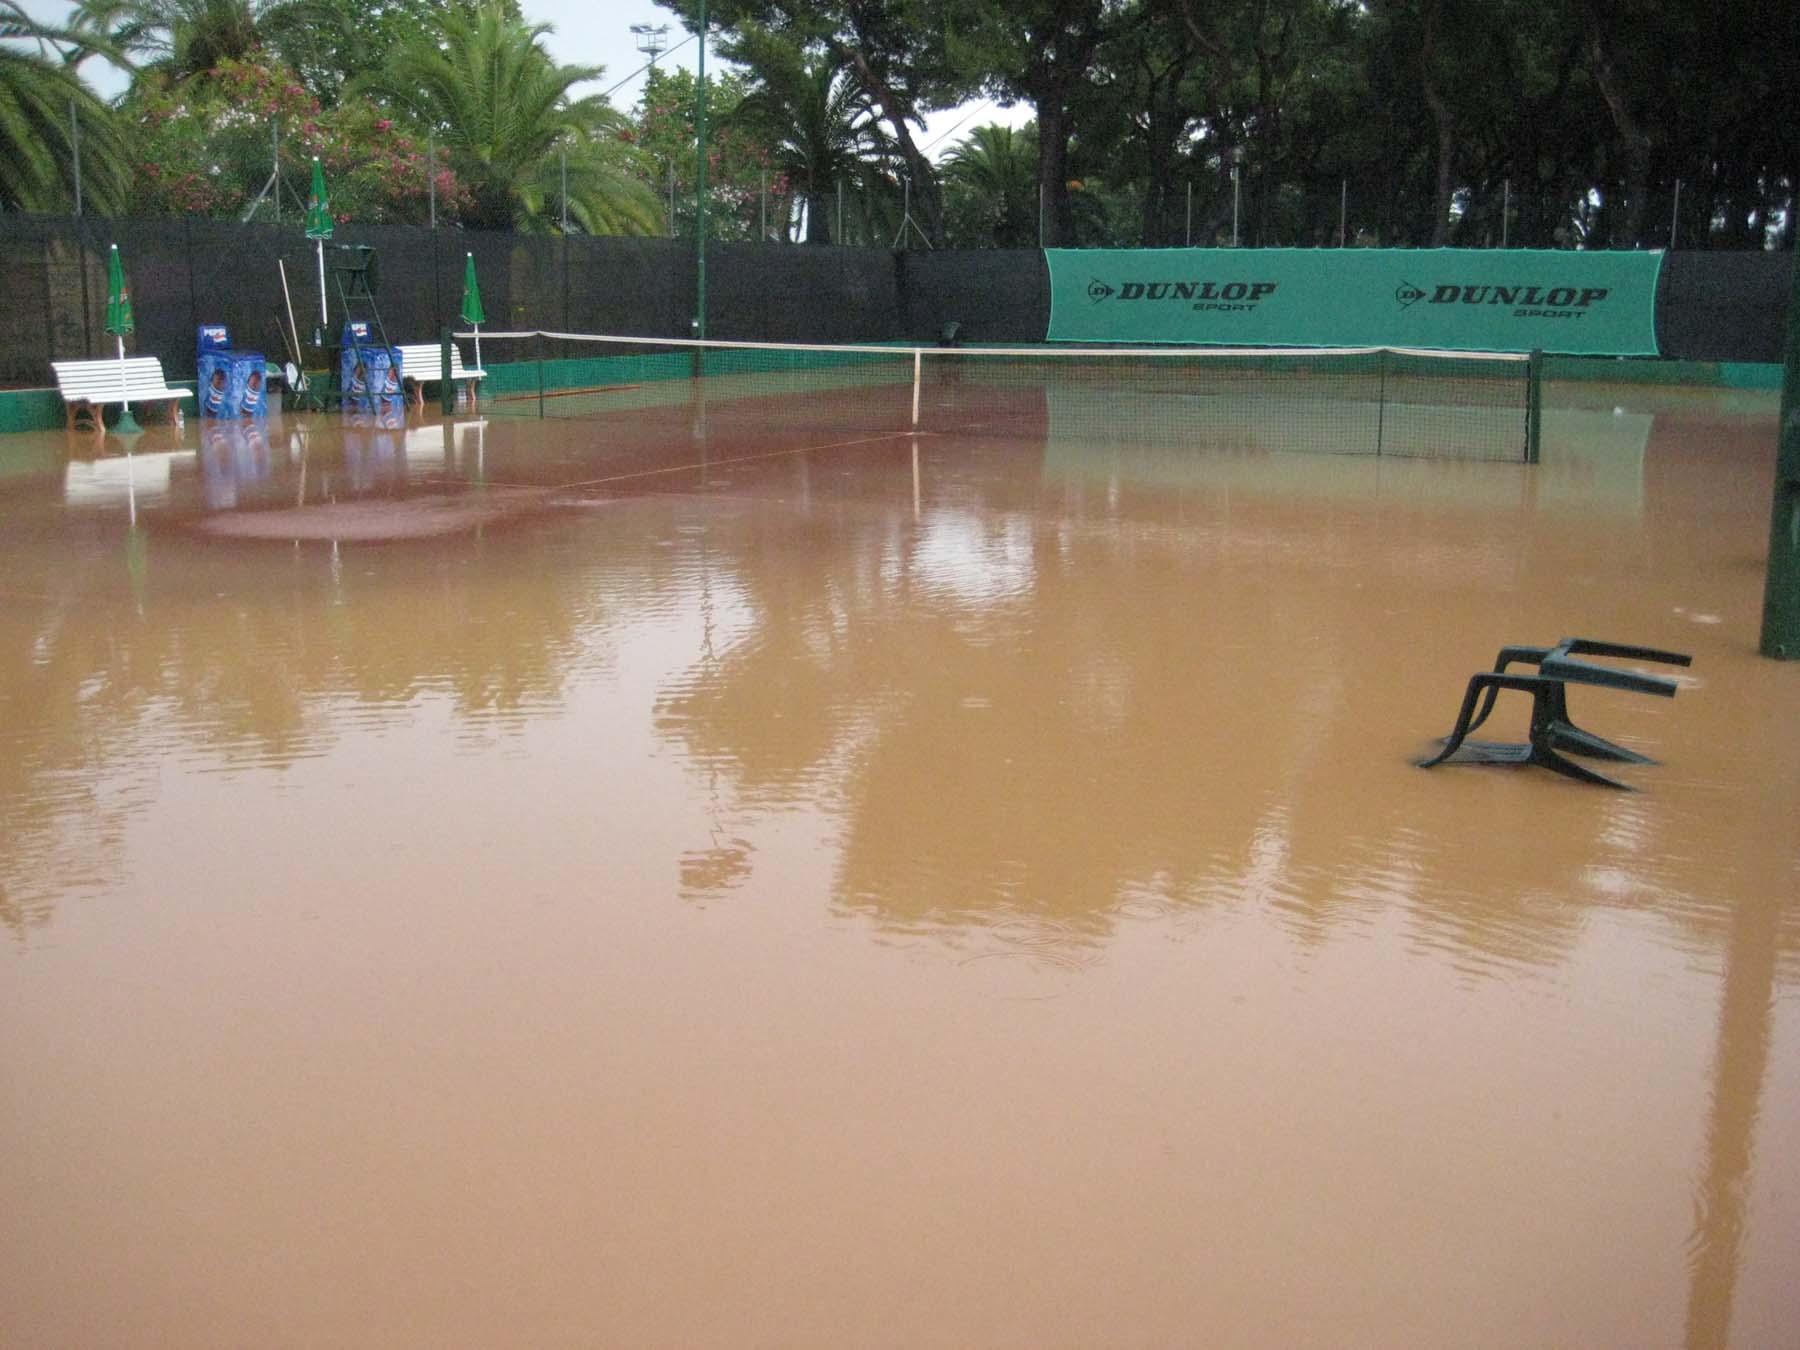 Campo da tennis allagato